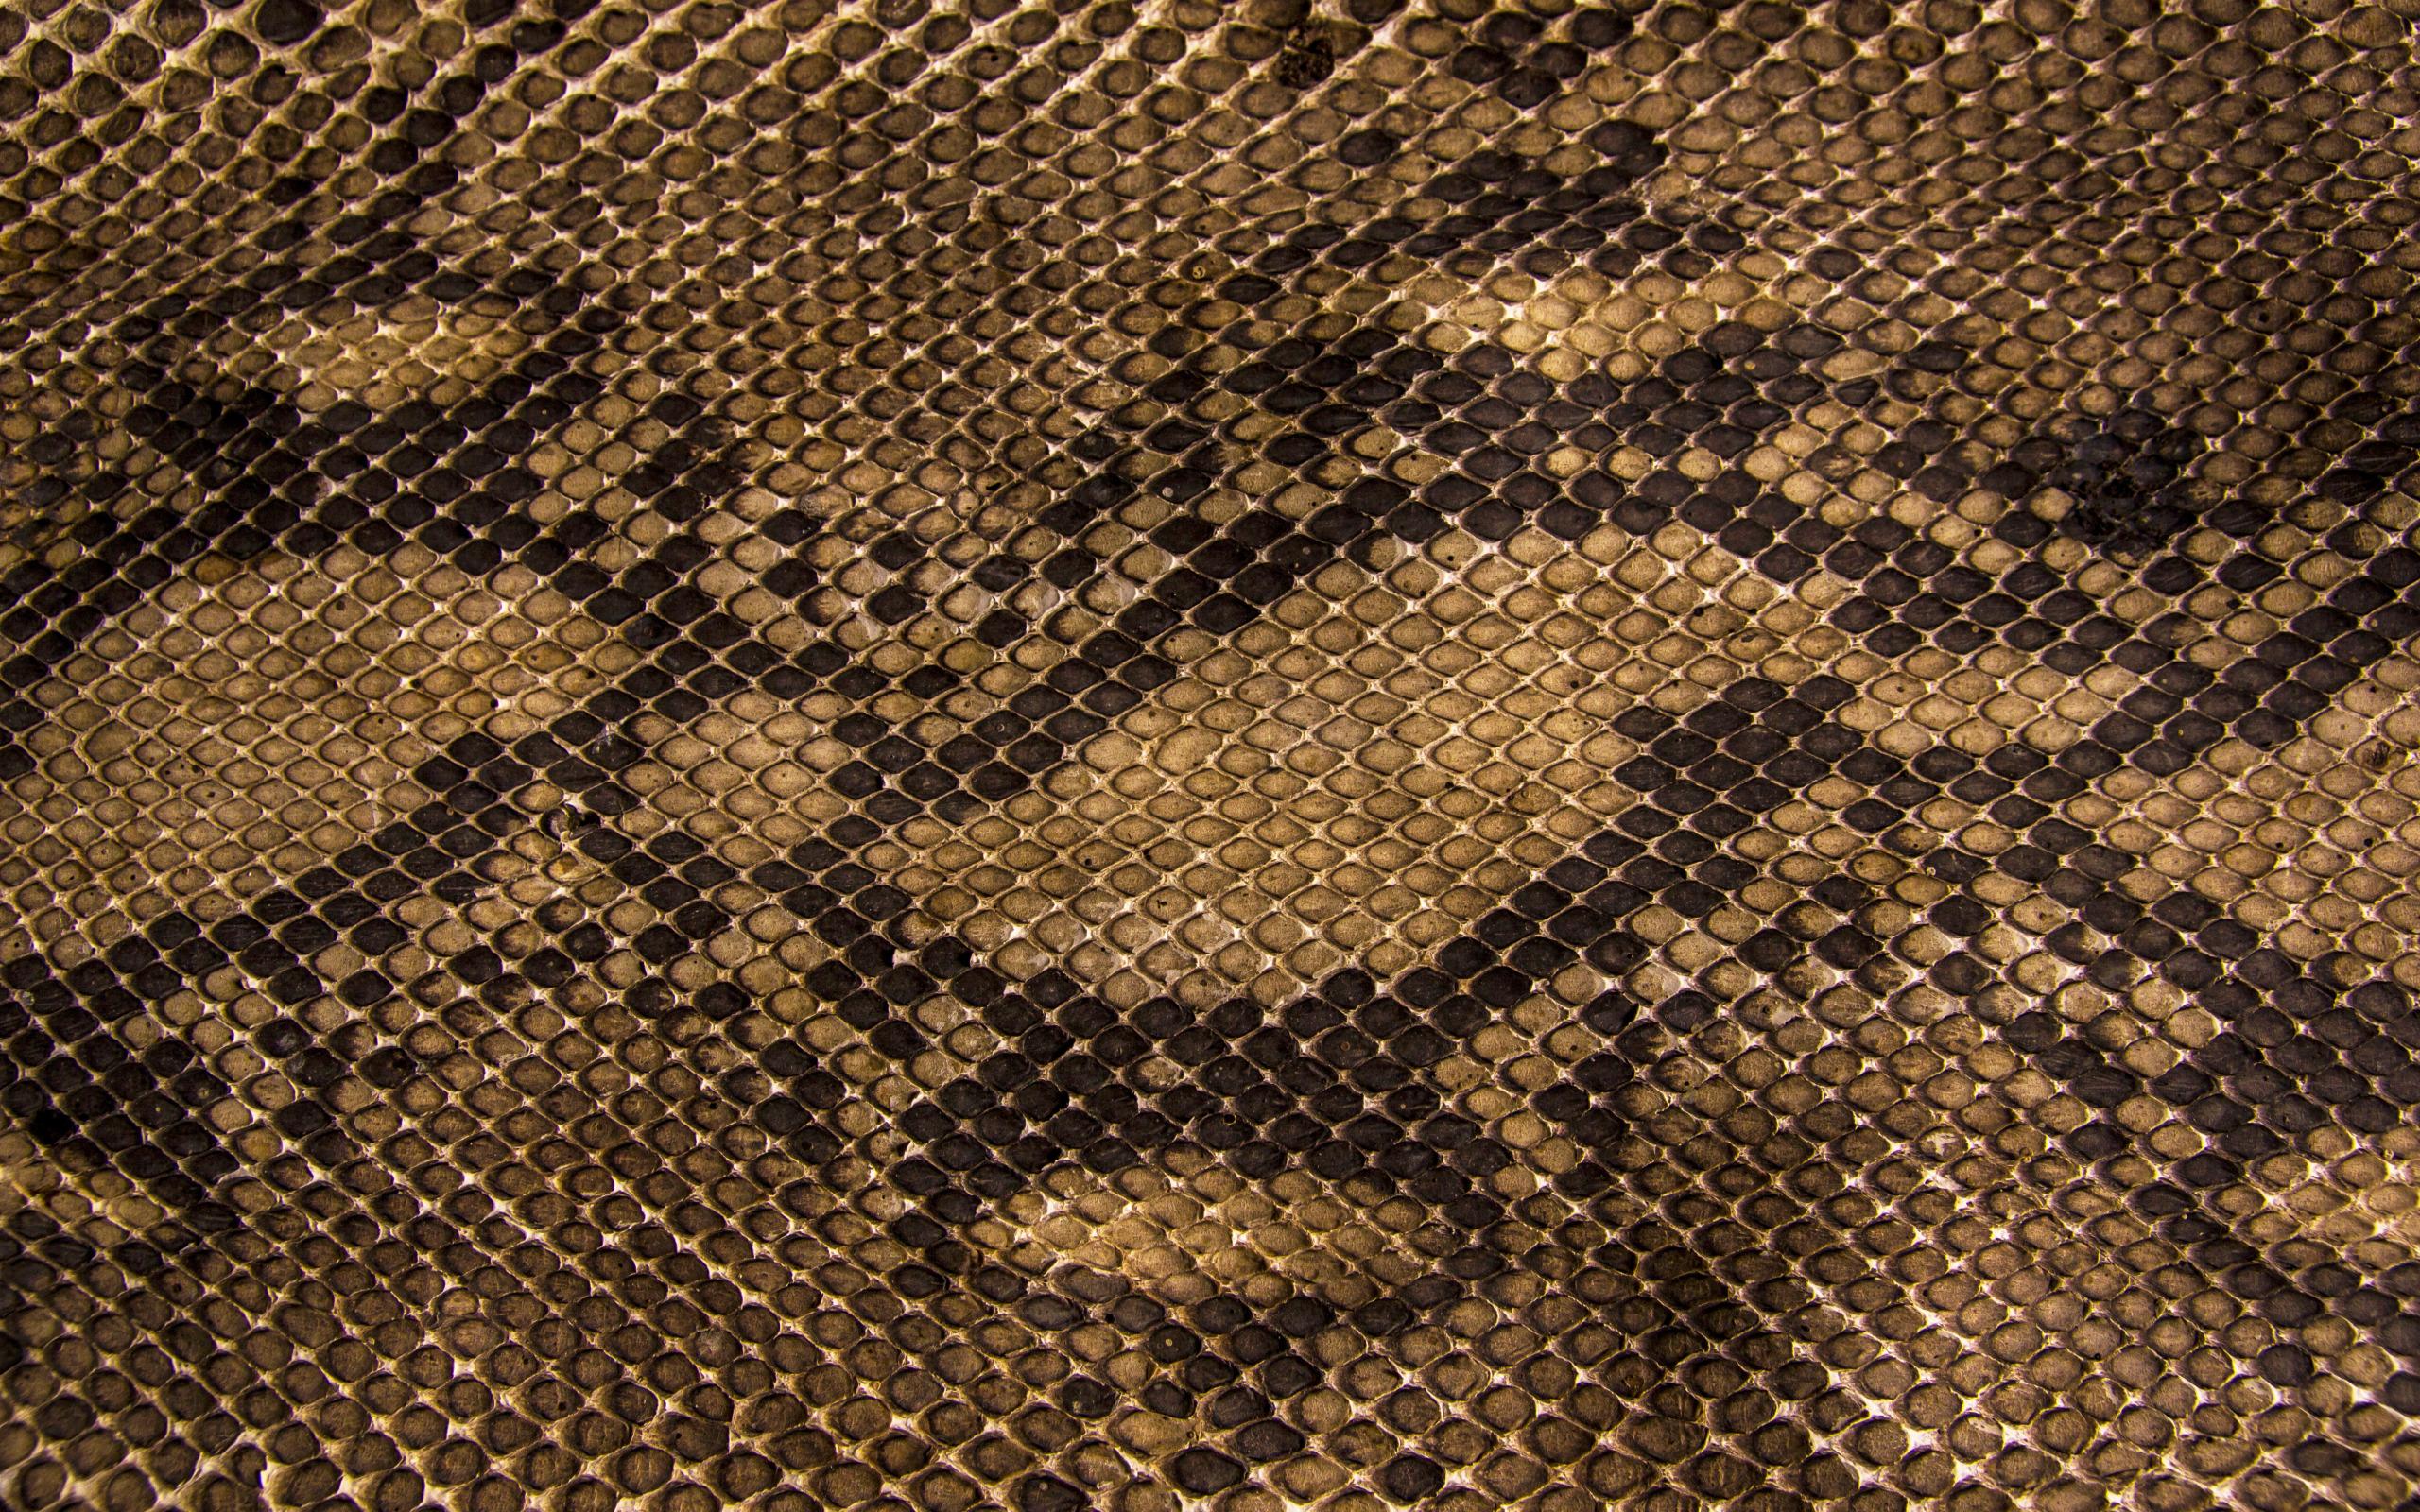 Текстура кожи змеи  № 3269794 бесплатно